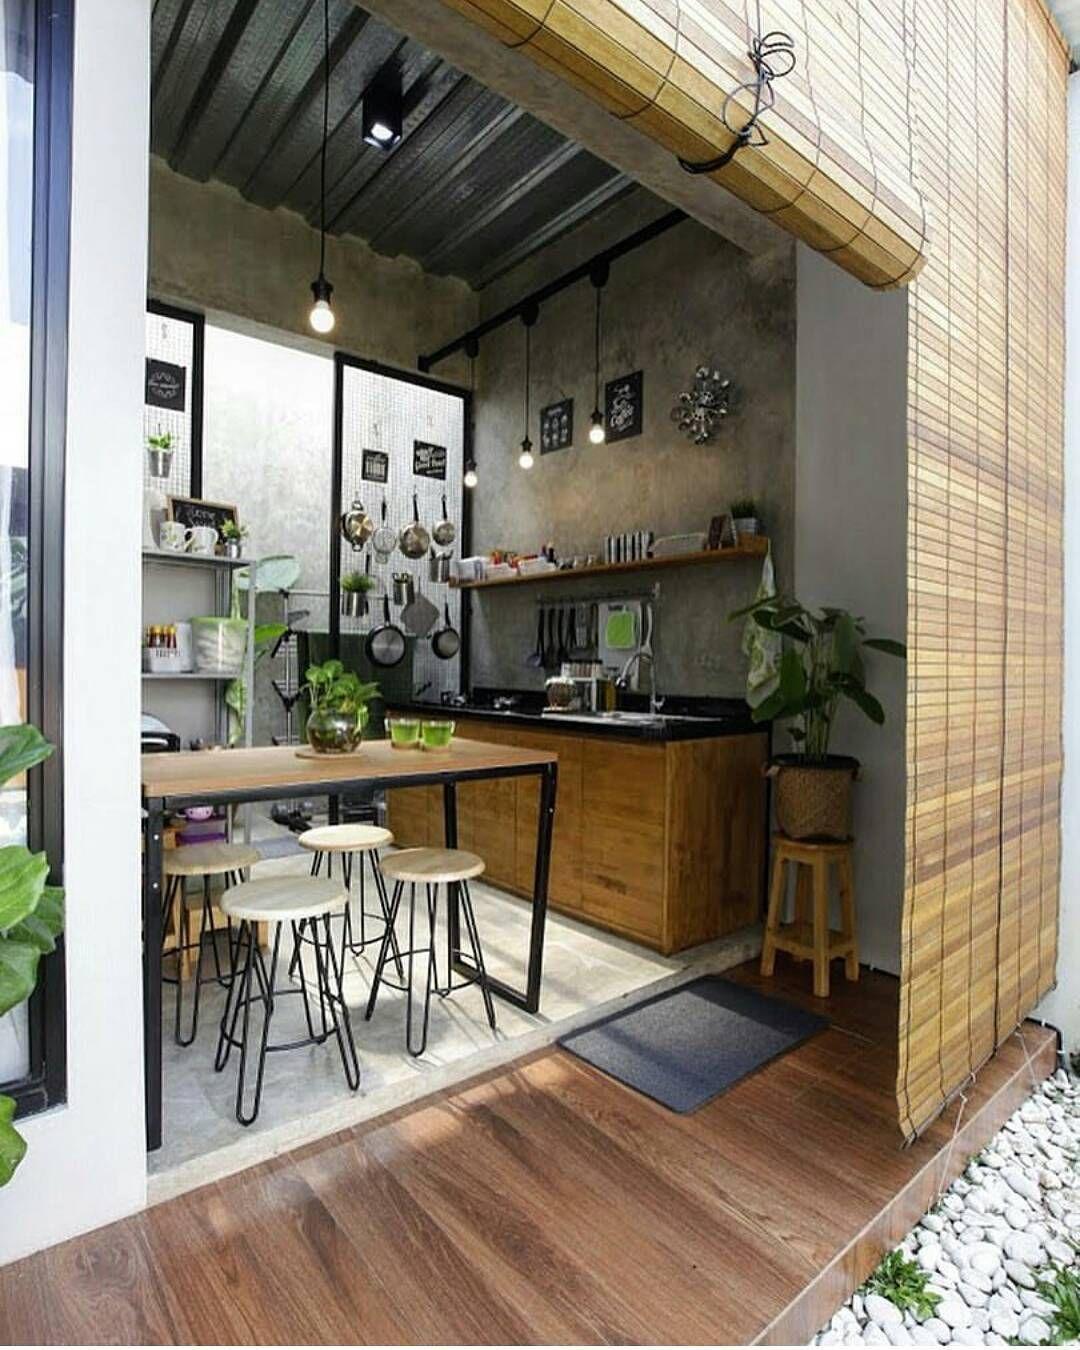 Agencement interieur petit espace paysagiste maison design de bureau à domicile